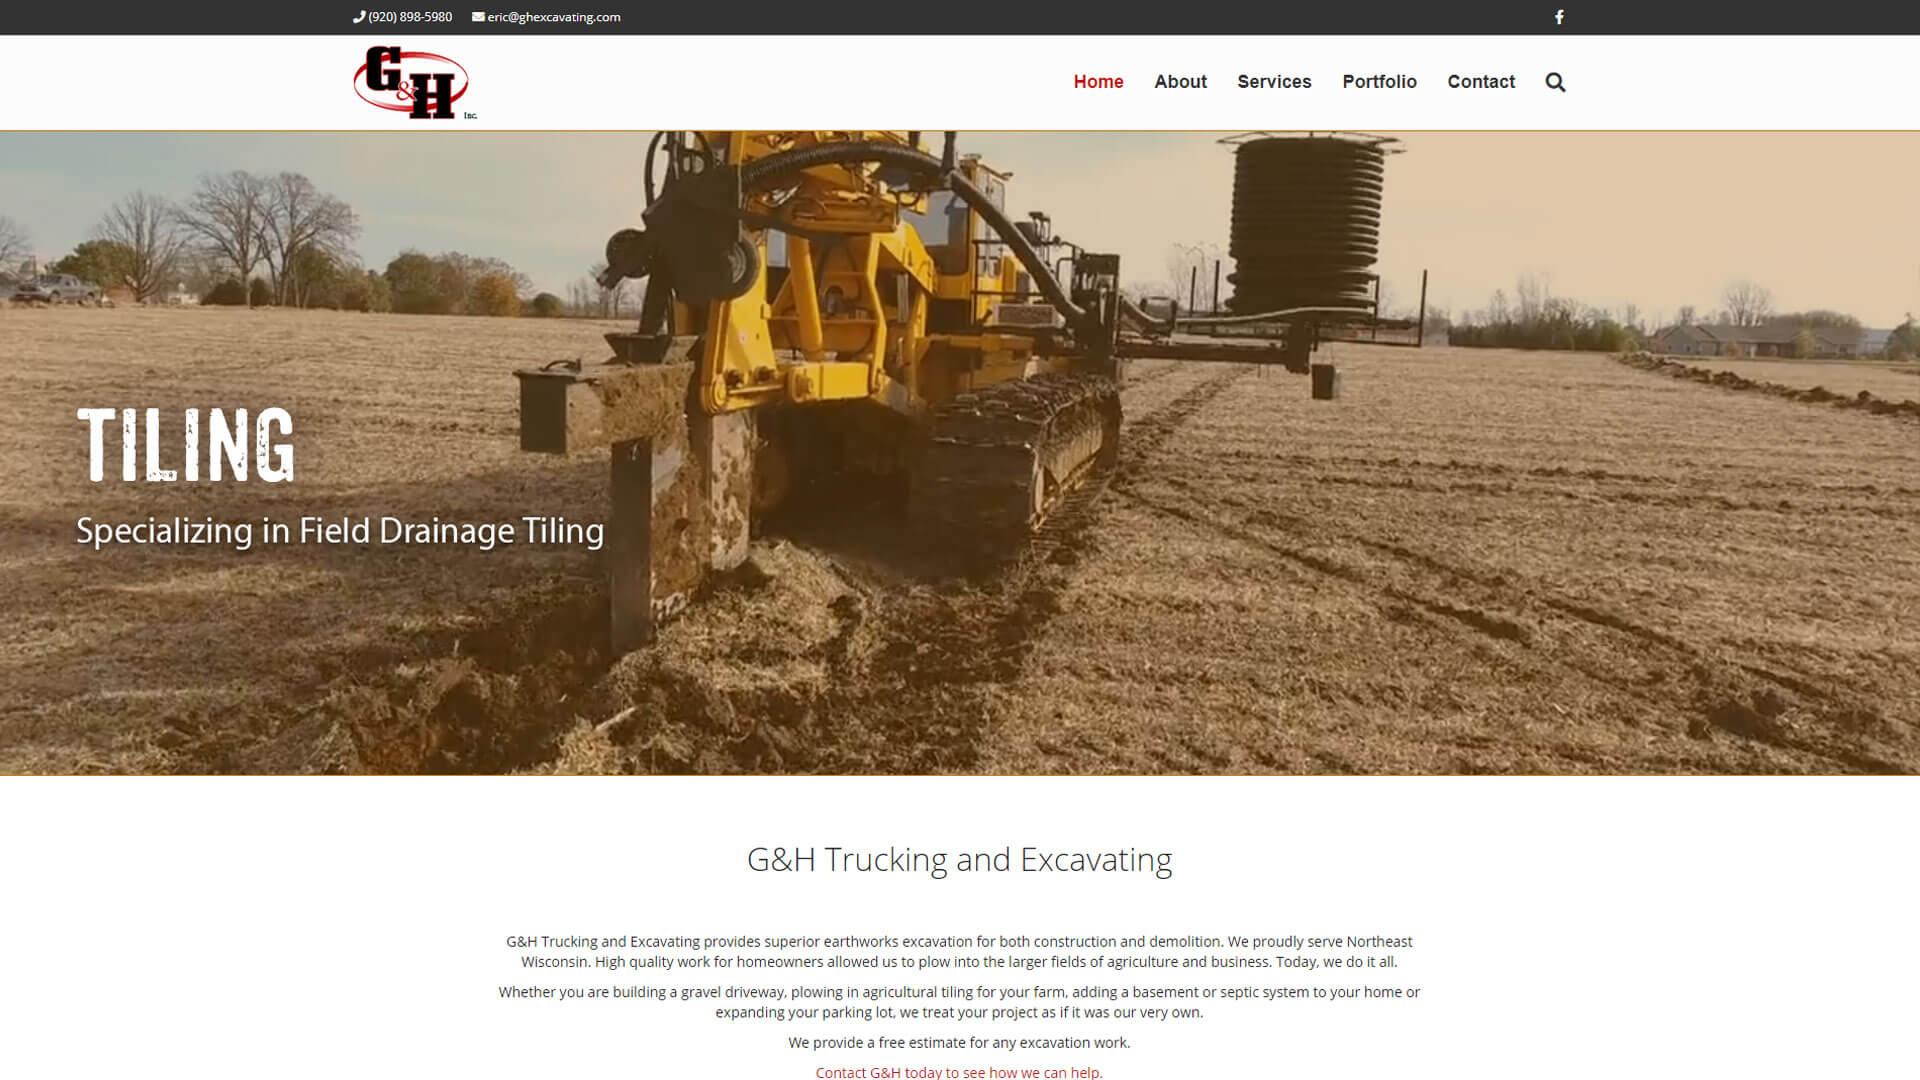 gh-excavating